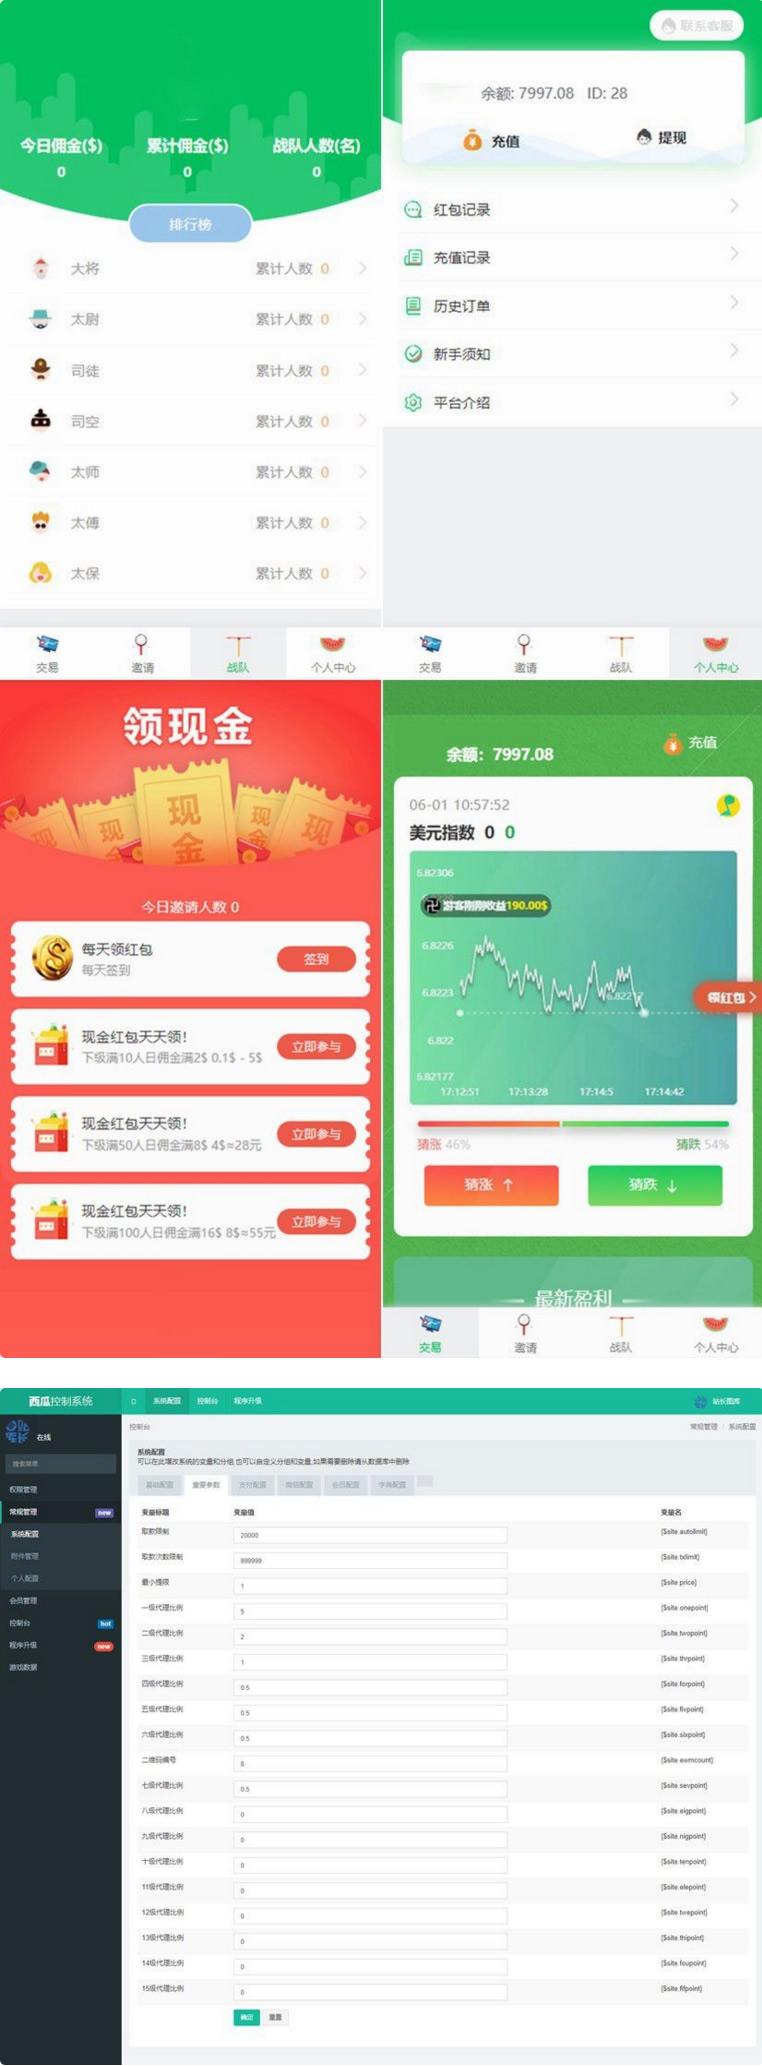 小清新绿色UI币圈推广K线正常免公众号交易系统源码 支持对接免签支付-爱资源分享